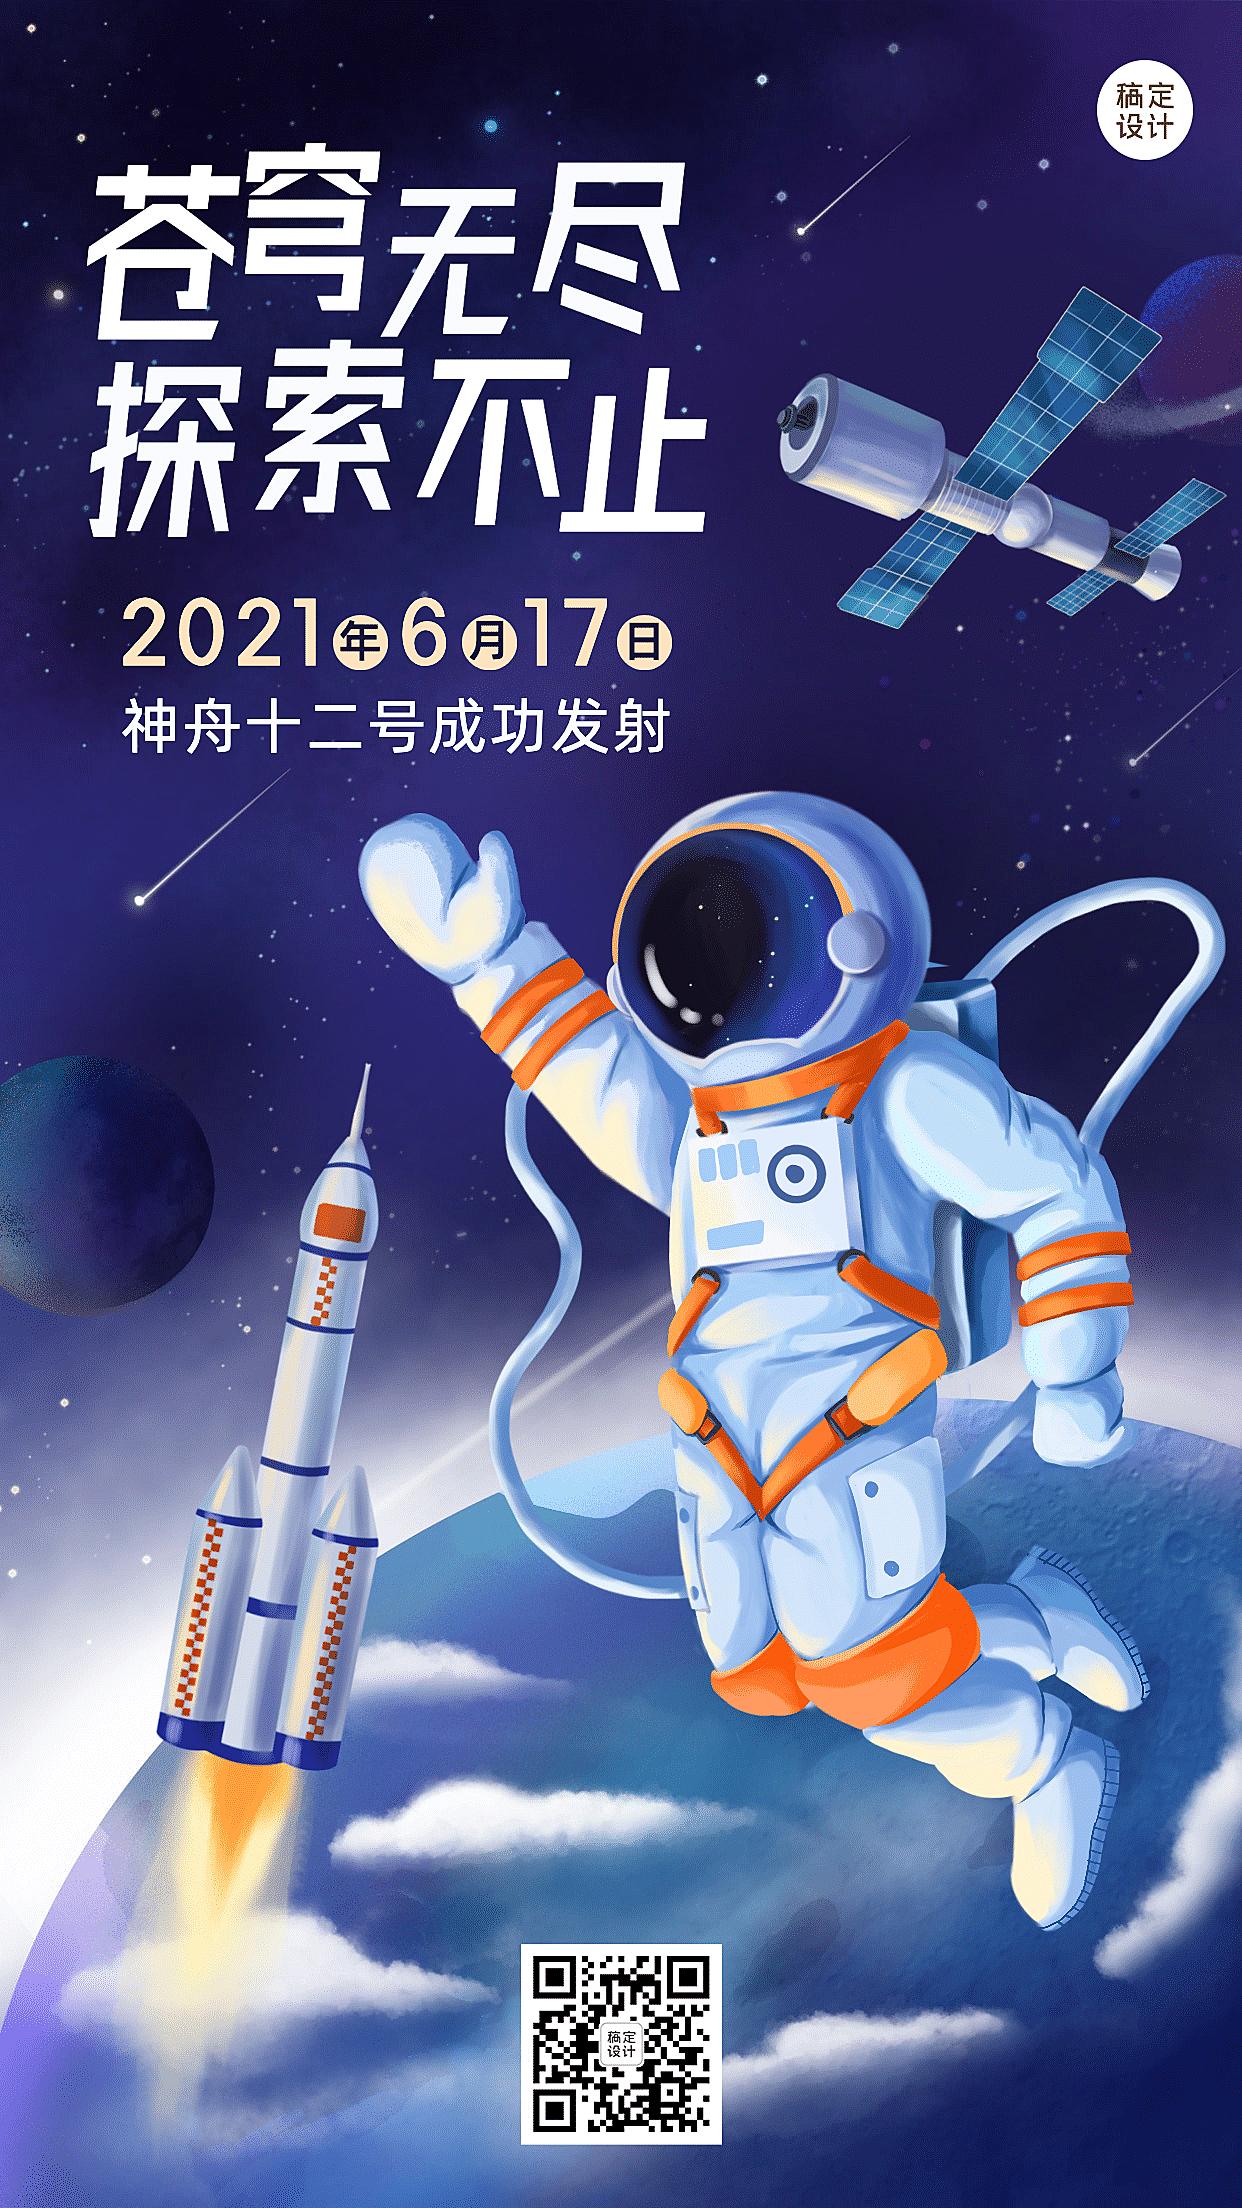 航天航空科技风融媒体海报